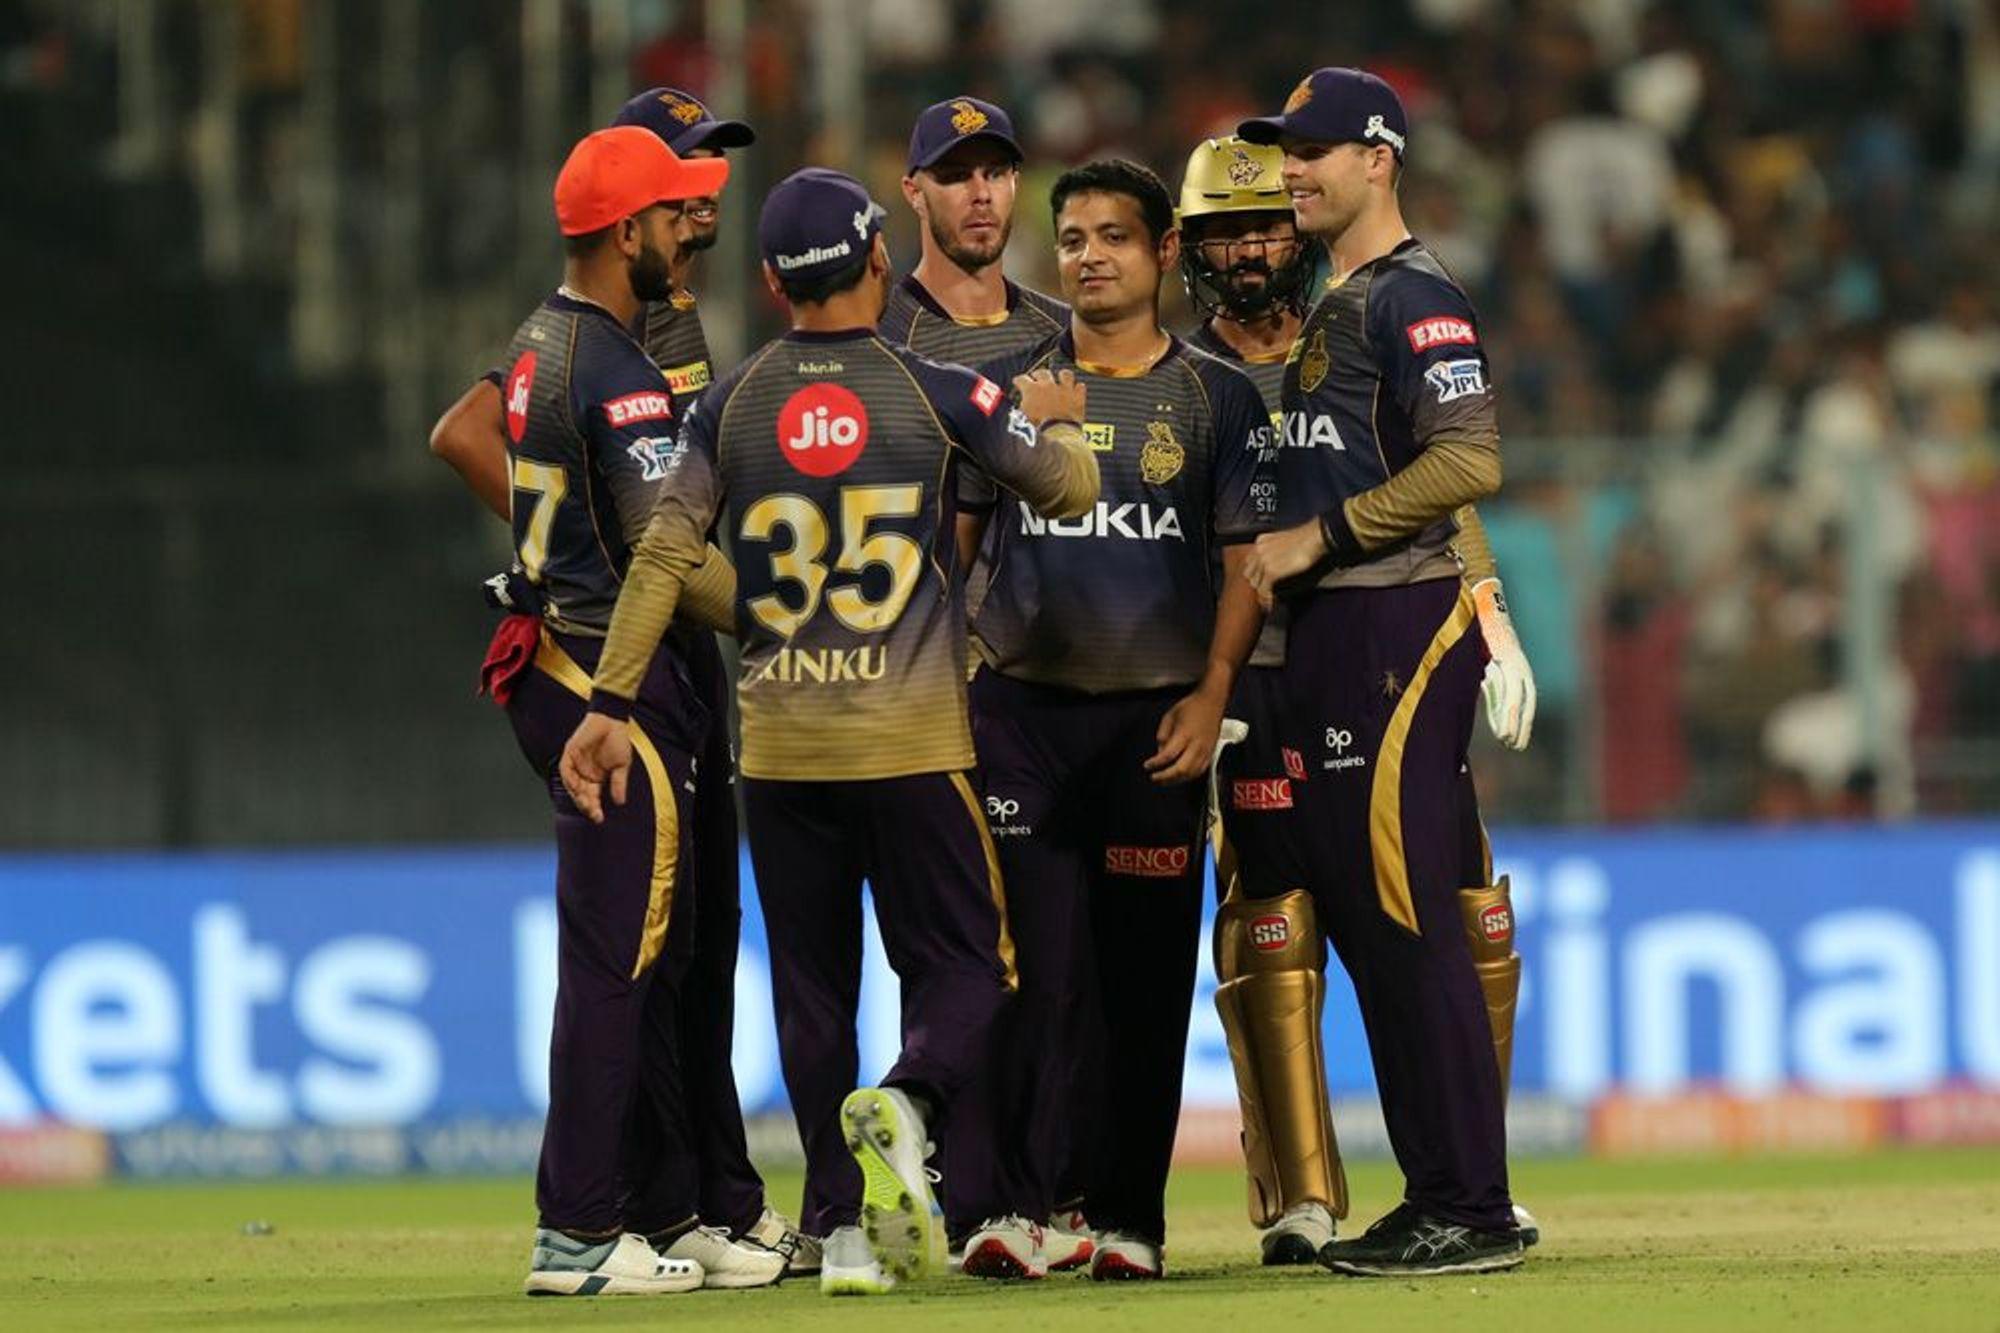 आईपीएल 2019: दिल्ली कैपिटल्स को मात देने इन खिलाड़ियों के साथ उतर सकती है केकेआर